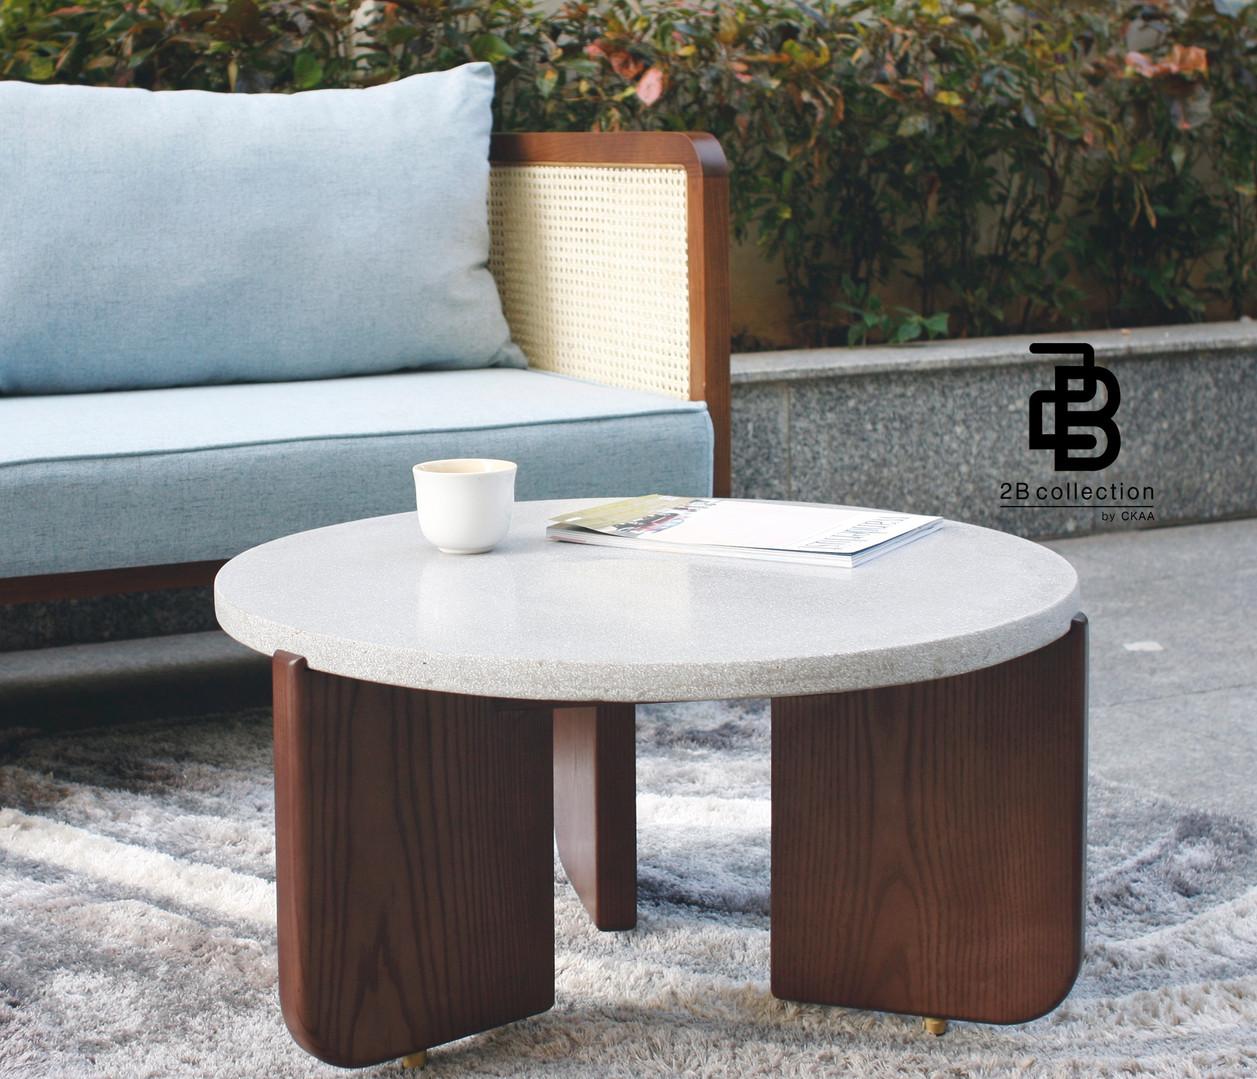 Wood Terrazzo coffee table